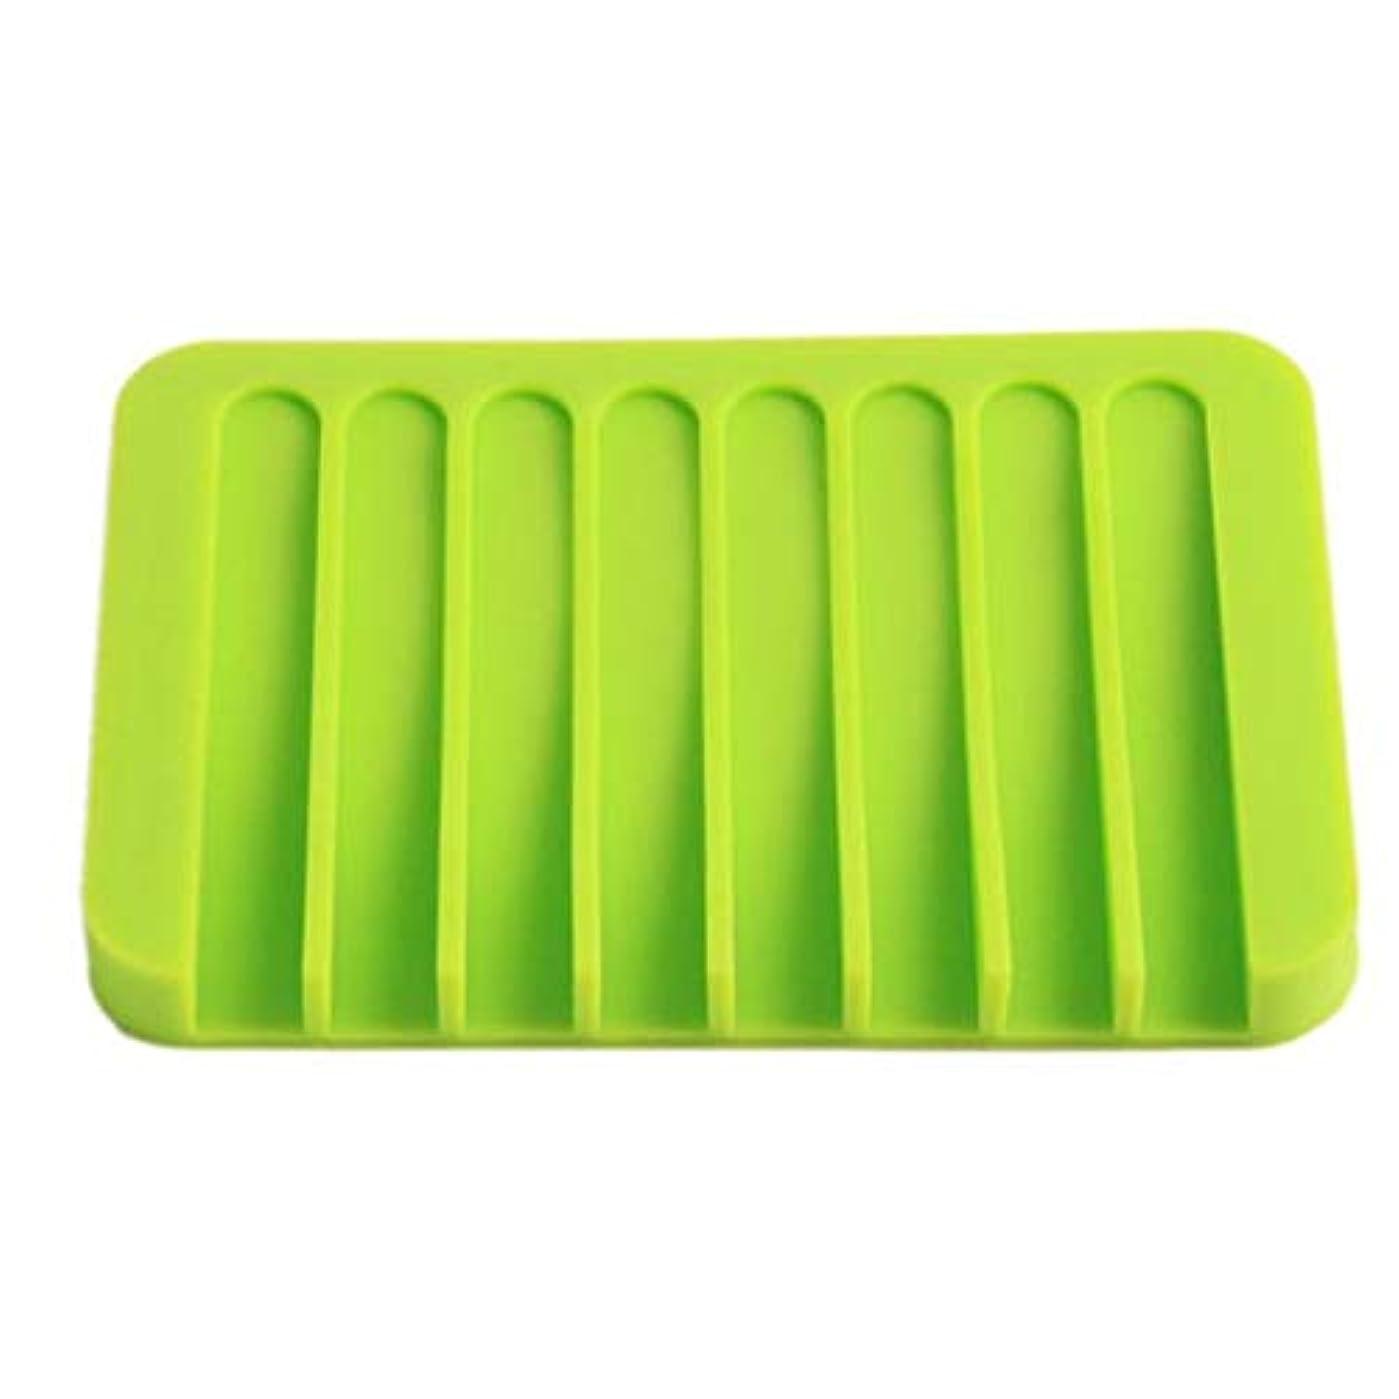 溢れんばかりのクライマックスデュアルOnior プレミアム品質のシリコーン浴室柔軟な石鹸皿ソープホルダー収納ソープボックスプレートトレイ排水、グリーン